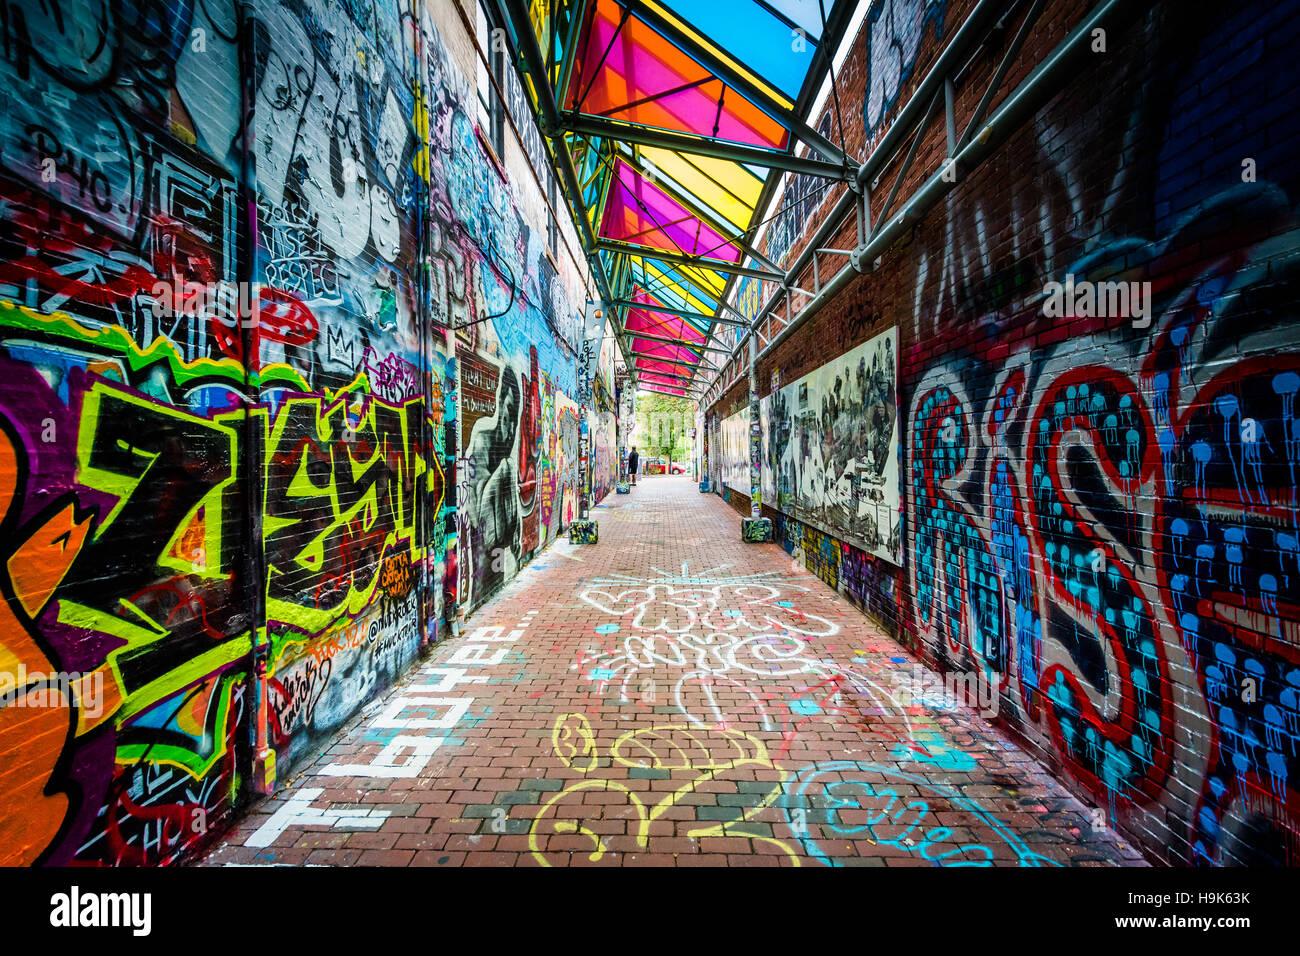 Graffiti Alley At Central Square In Cambridge Massachusetts